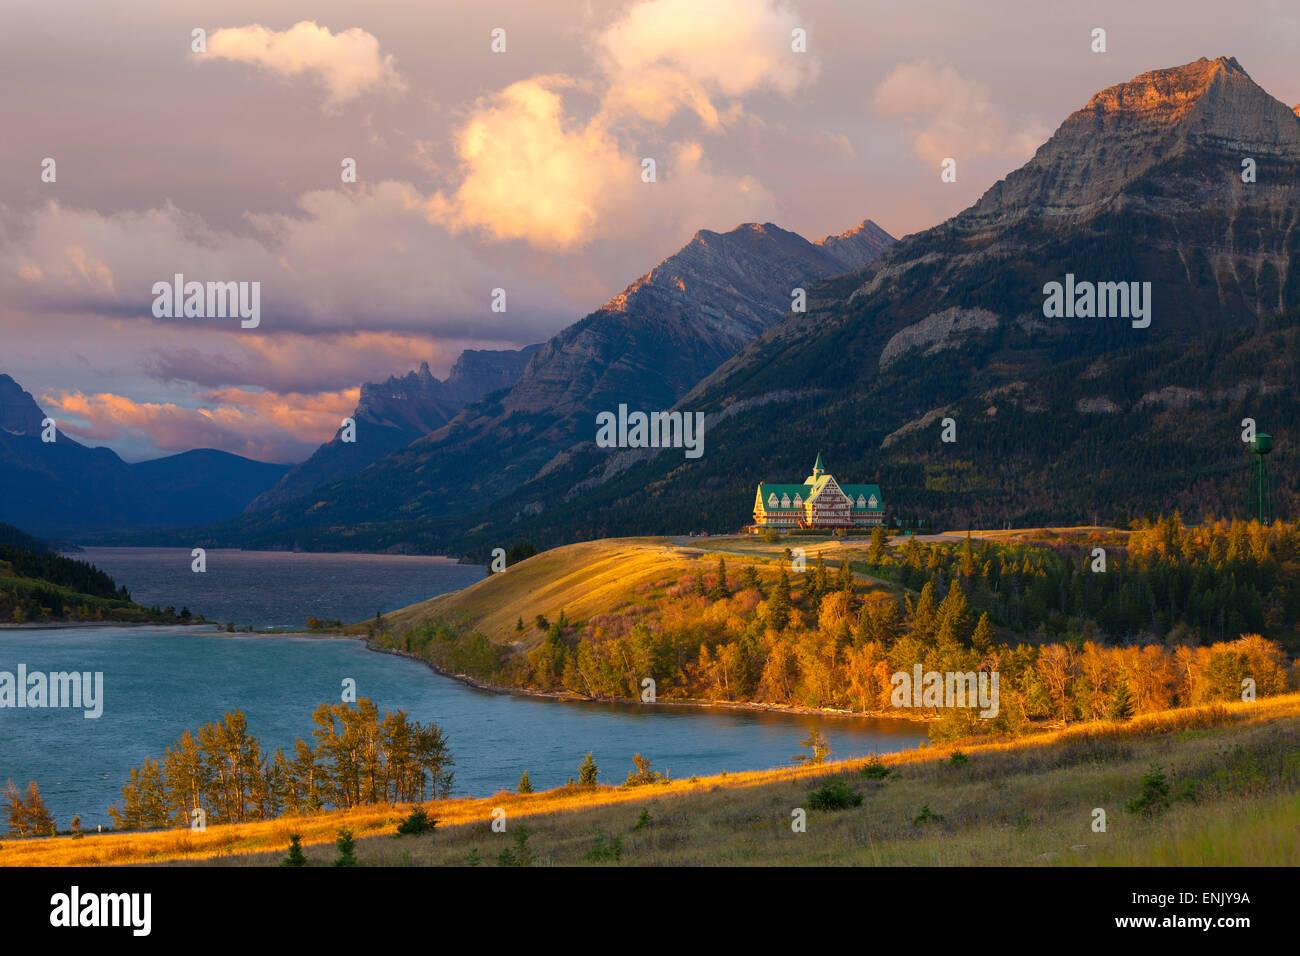 L'hôtel Prince of Wales au lever du soleil, Waterton Lakes National Park, Alberta, Canada, Amérique du Nord Banque D'Images